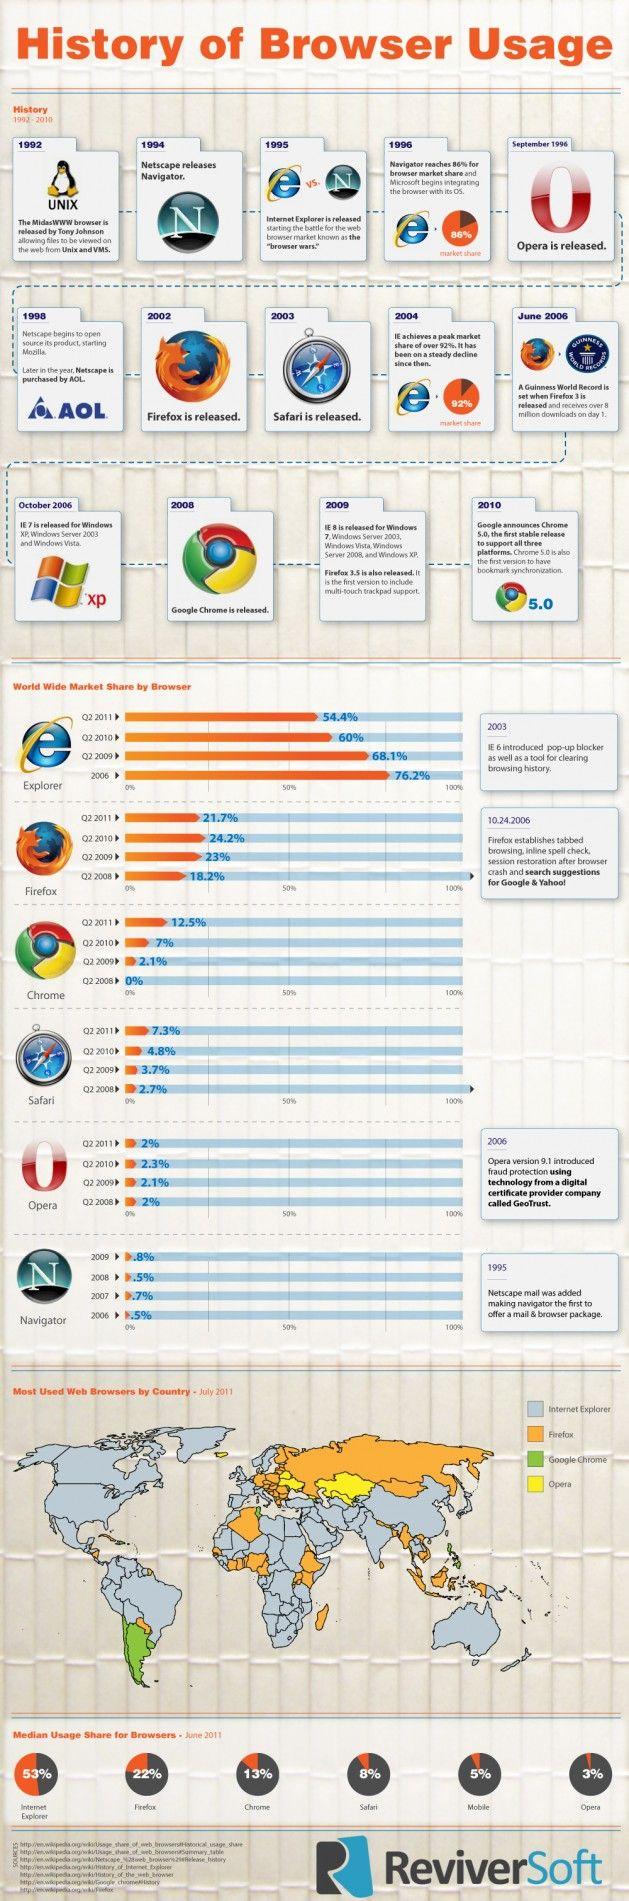 HistoryofBrowserUsage e1323790304872 La historia de los navegadores web, 19 años (INFOGRAFIA)